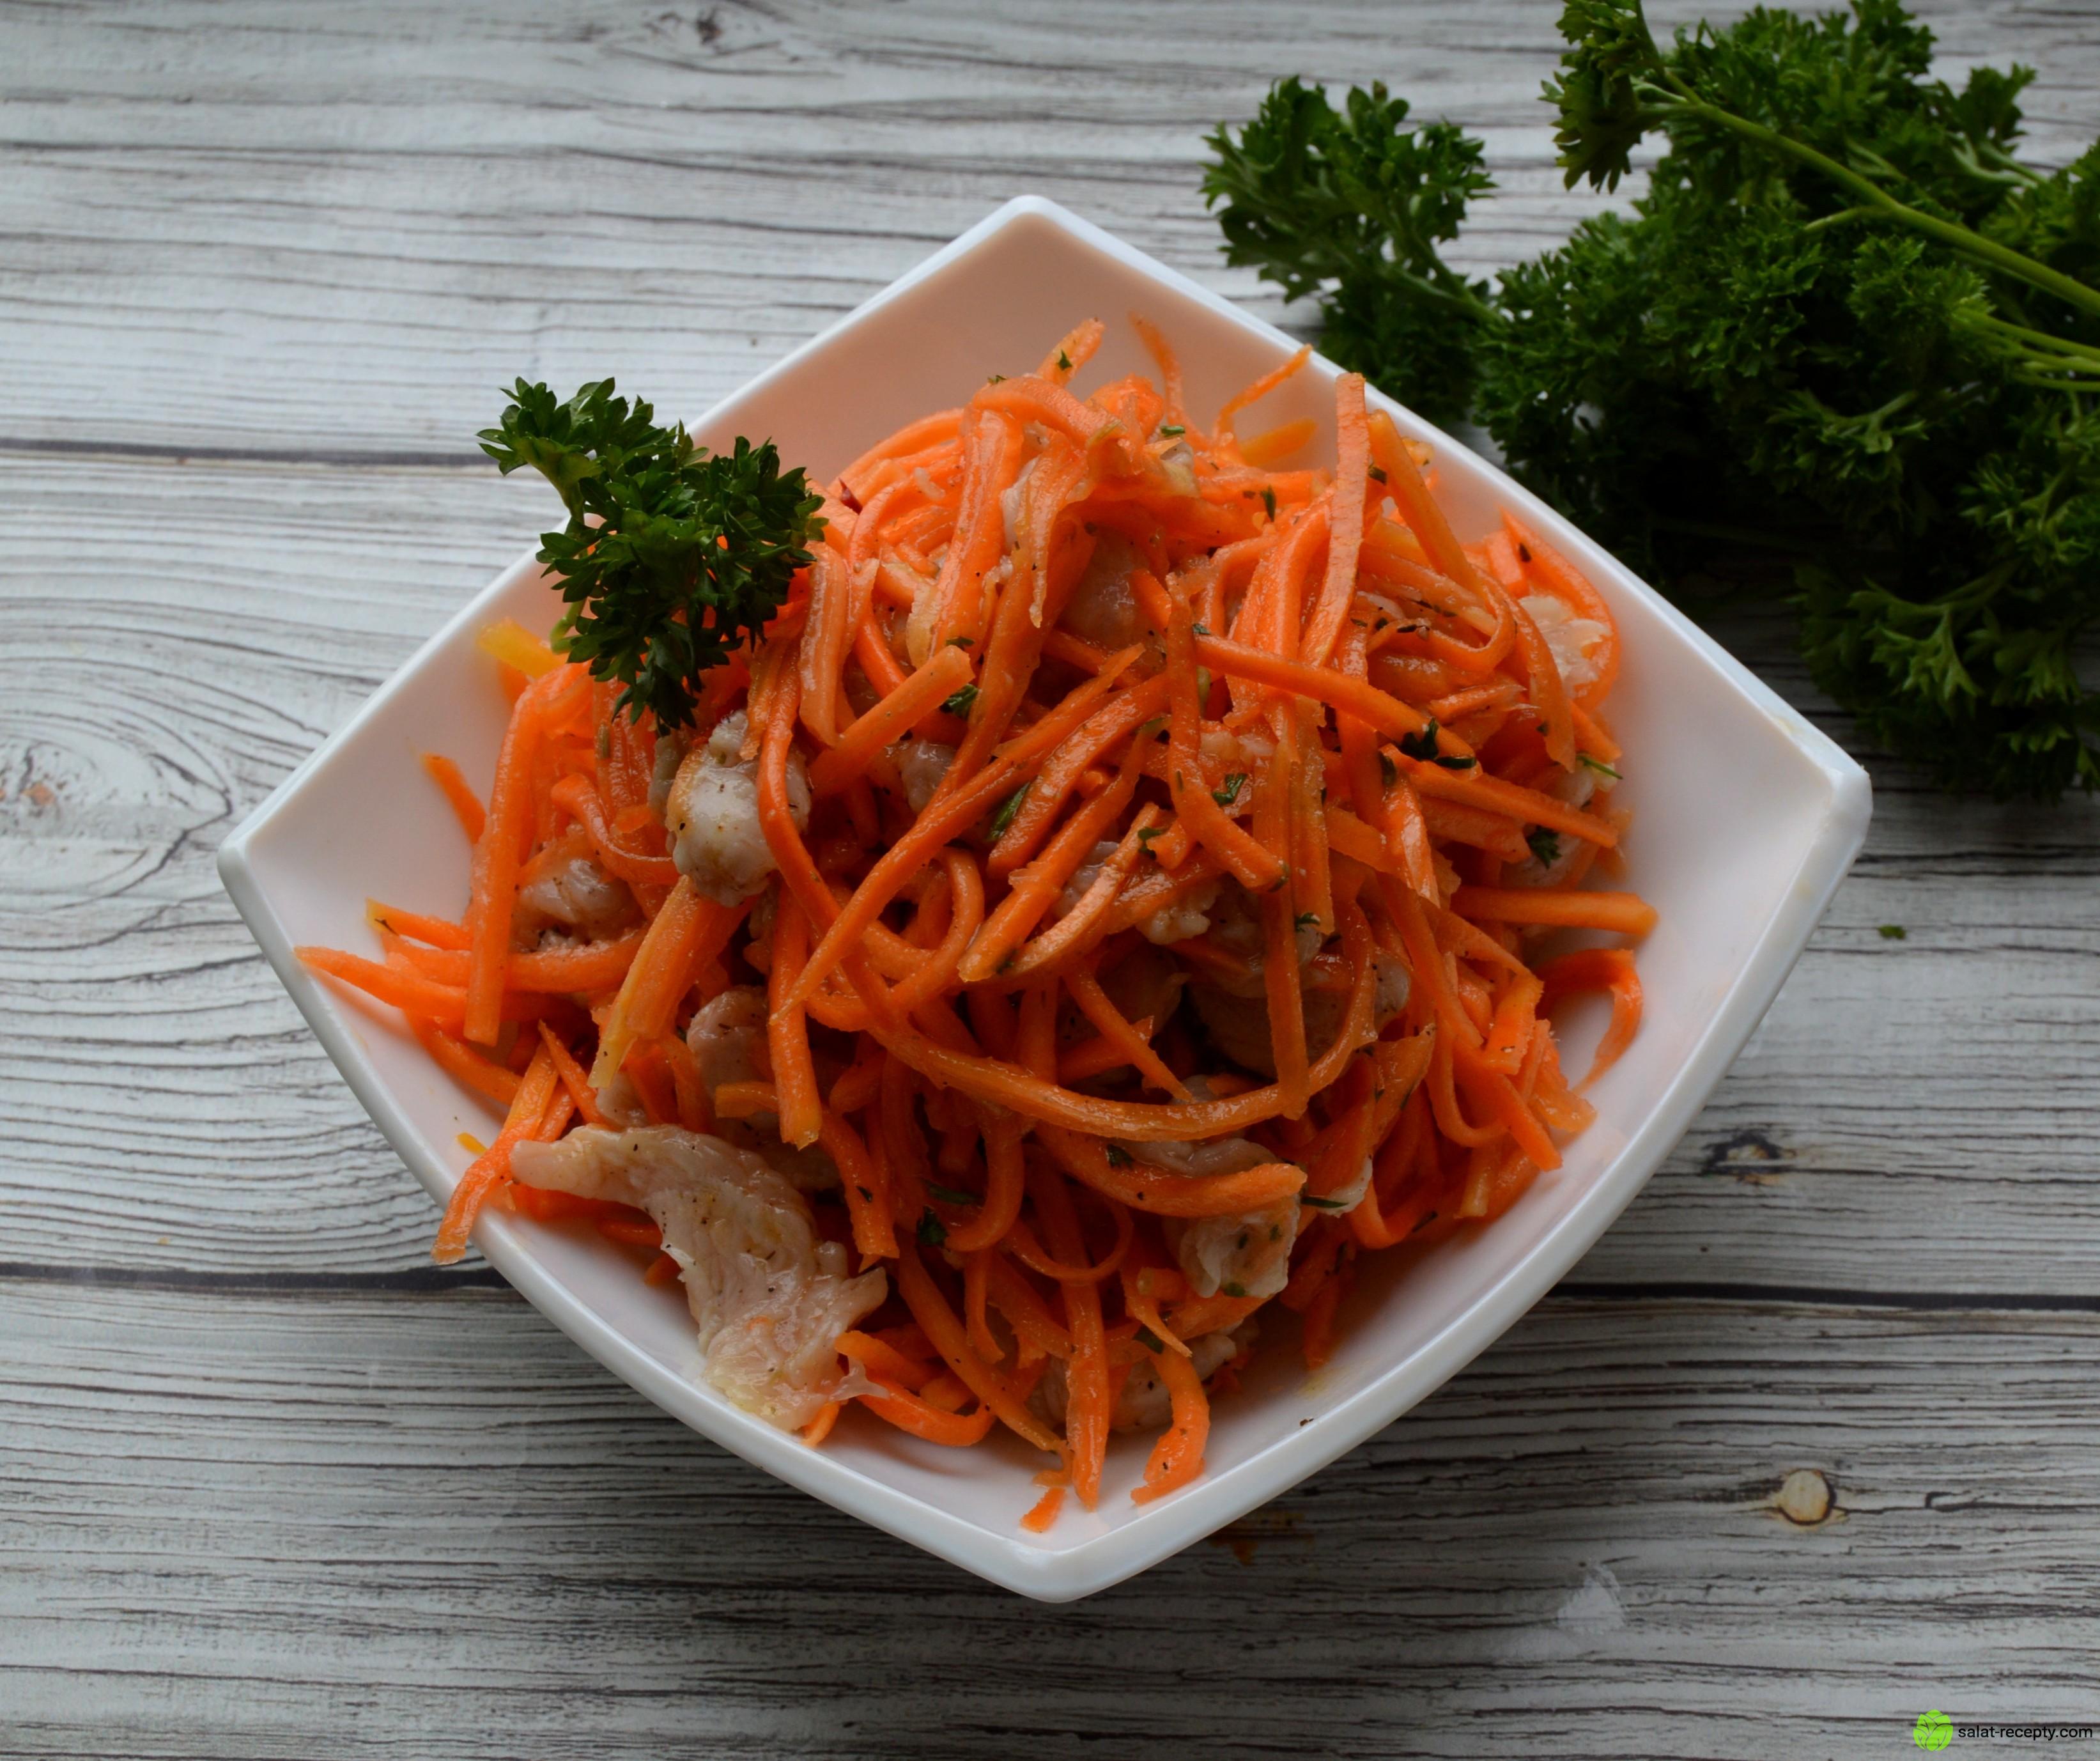 зависимости степени корейские салаты рецепты с фото пошагово станут естественным